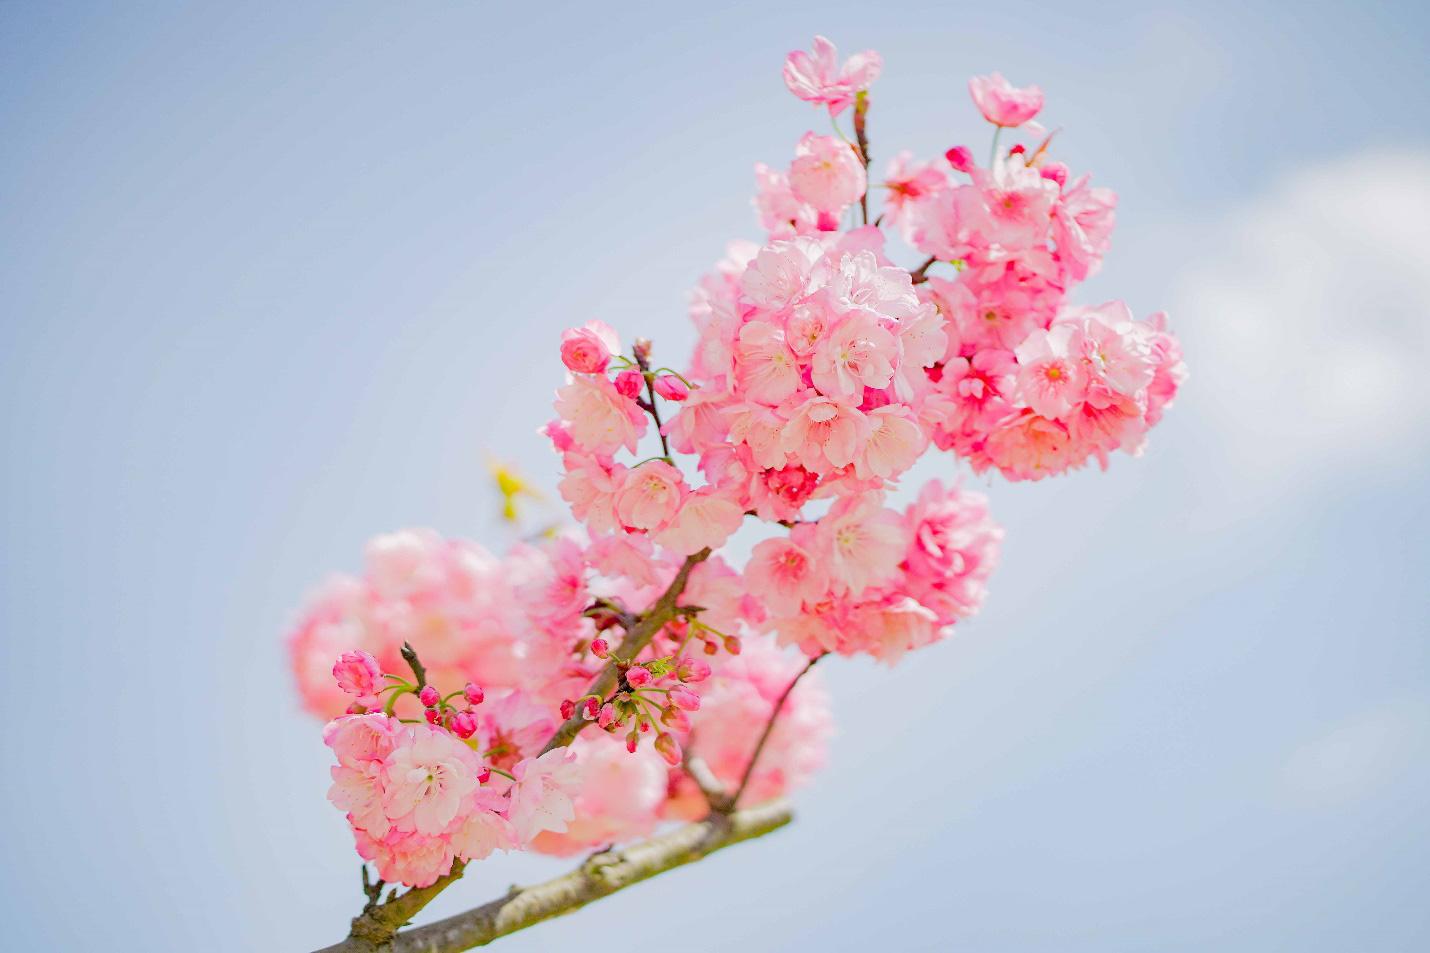 Choáng ngợp anh đào Nhật Bản, đào rừng Fansipan nở rộ đẹp rực rỡ - Ảnh 1.